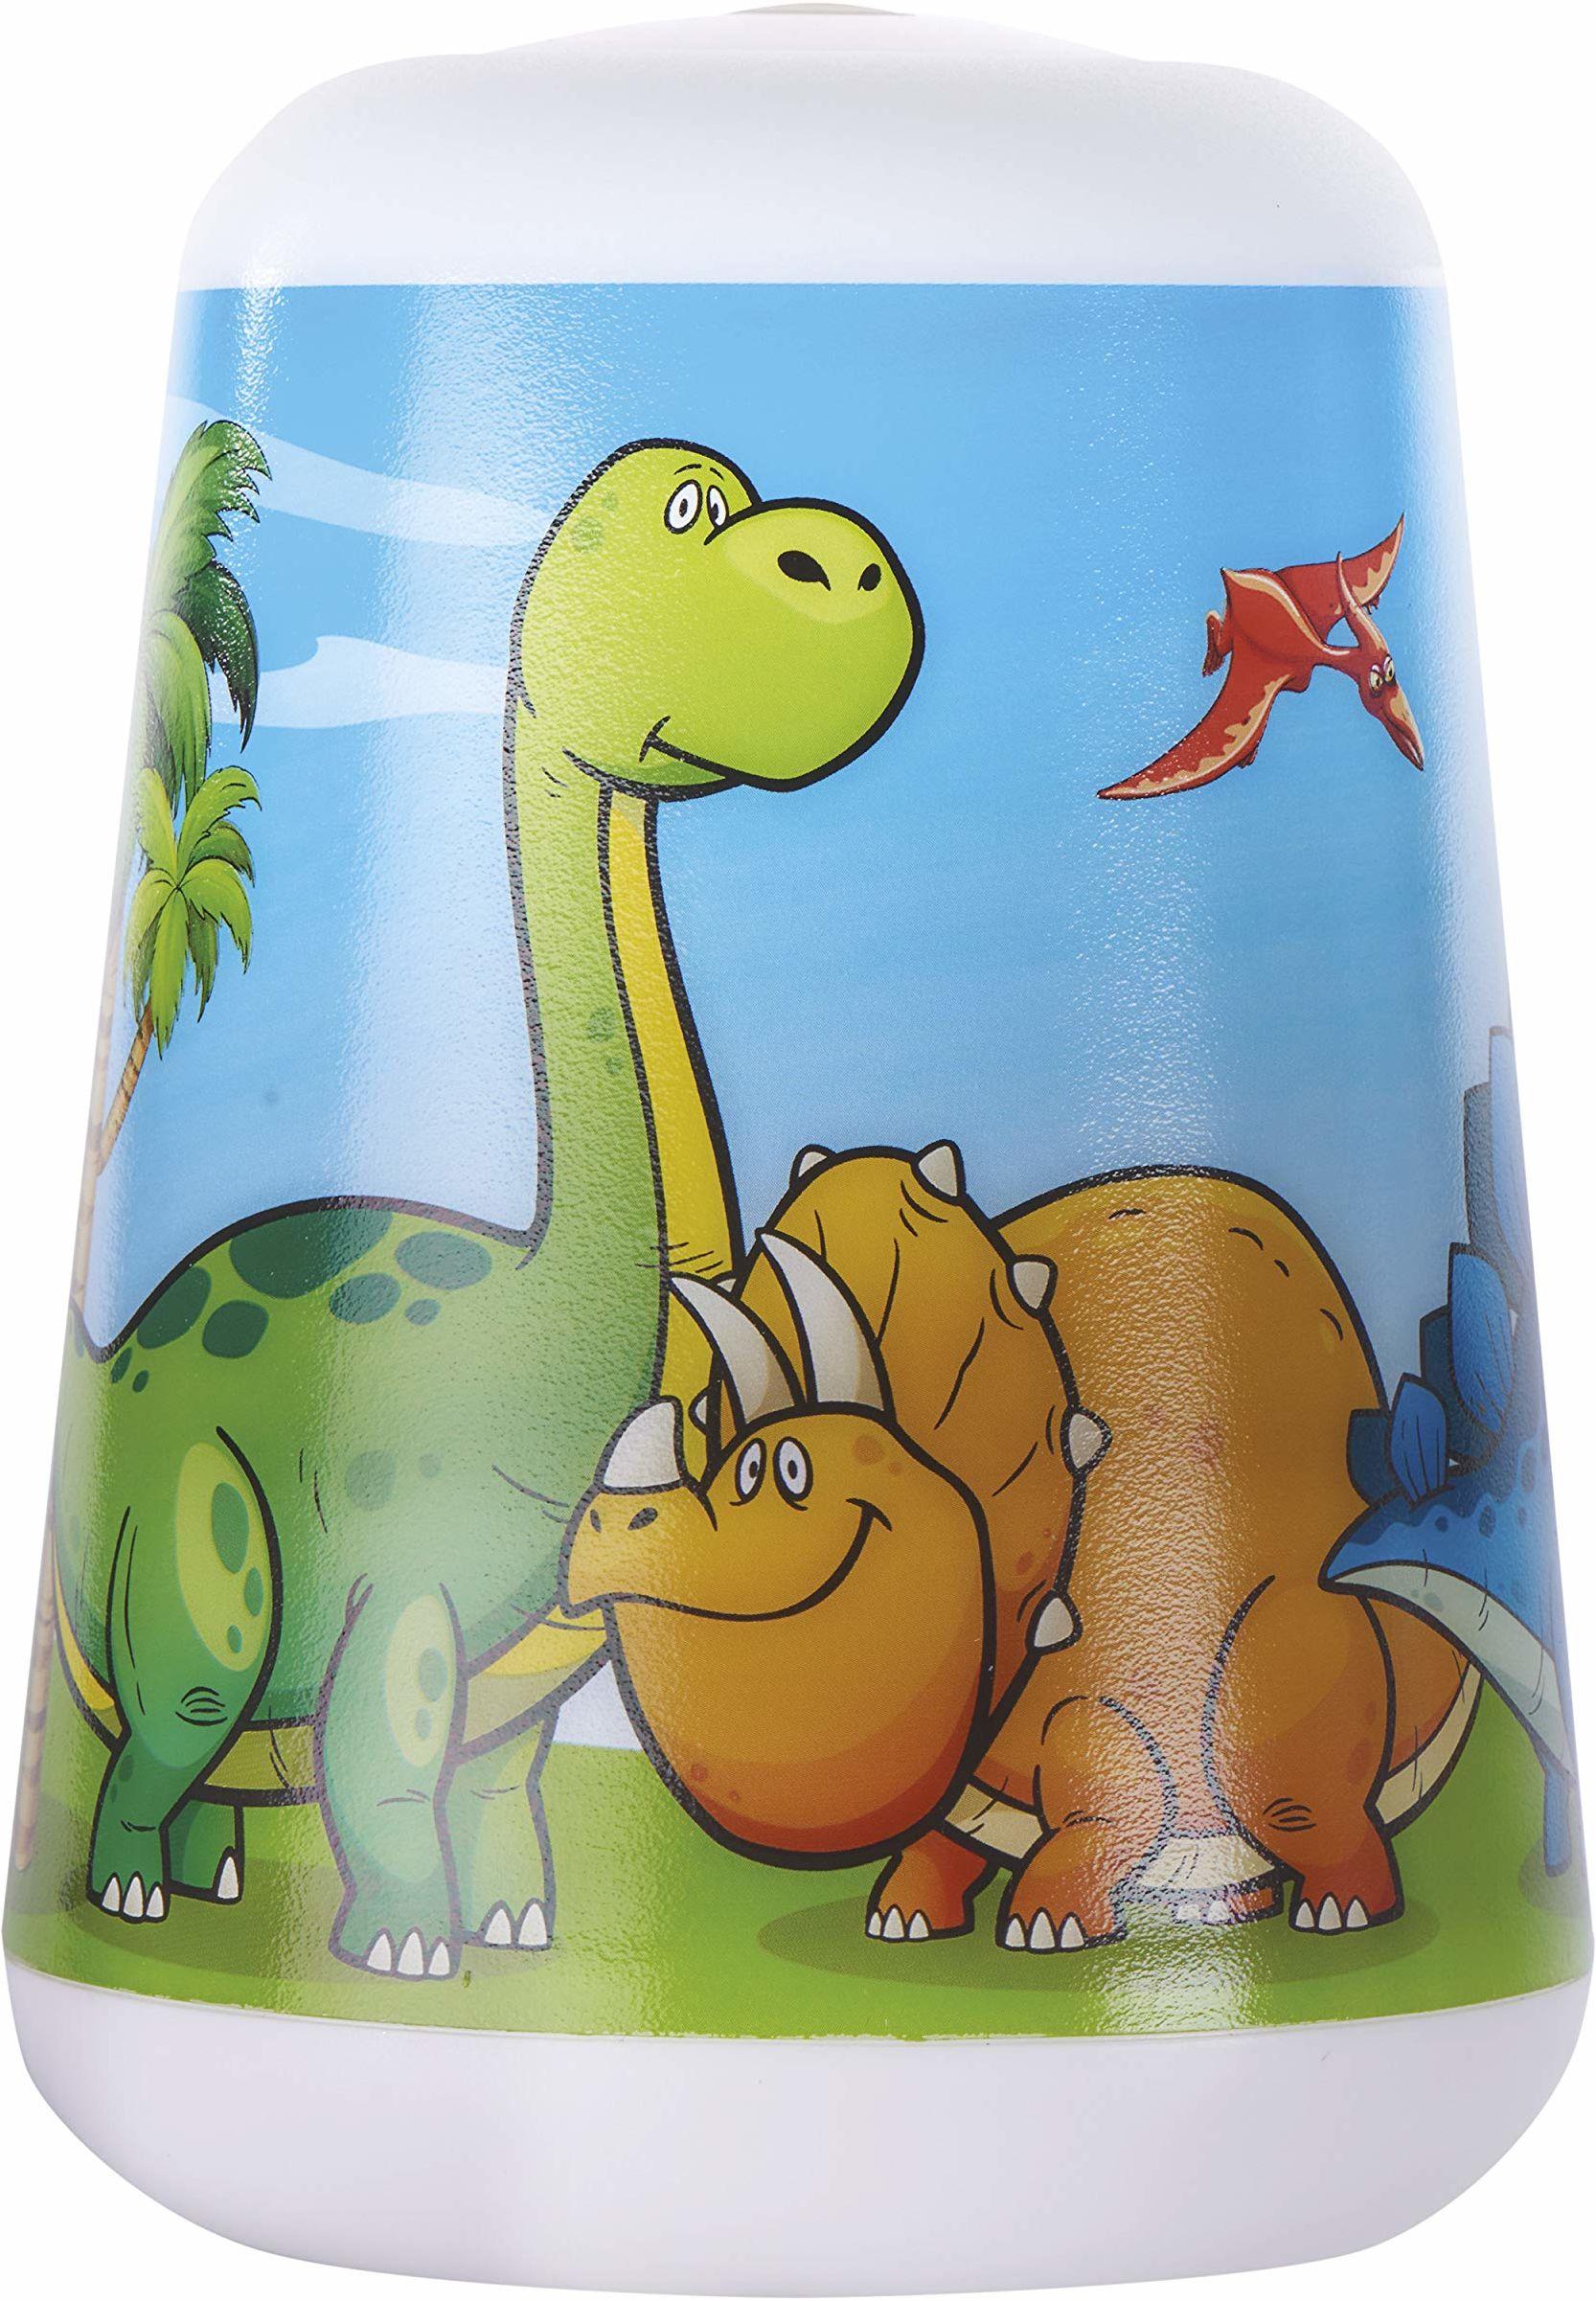 EMOS Dziecięca lampa stołowa i ręczna z motywem dinozaura i timerem, lampka nocna dinozaurów, lampka nocna, lampa dla dzieci, latarka, lampa biurkowa